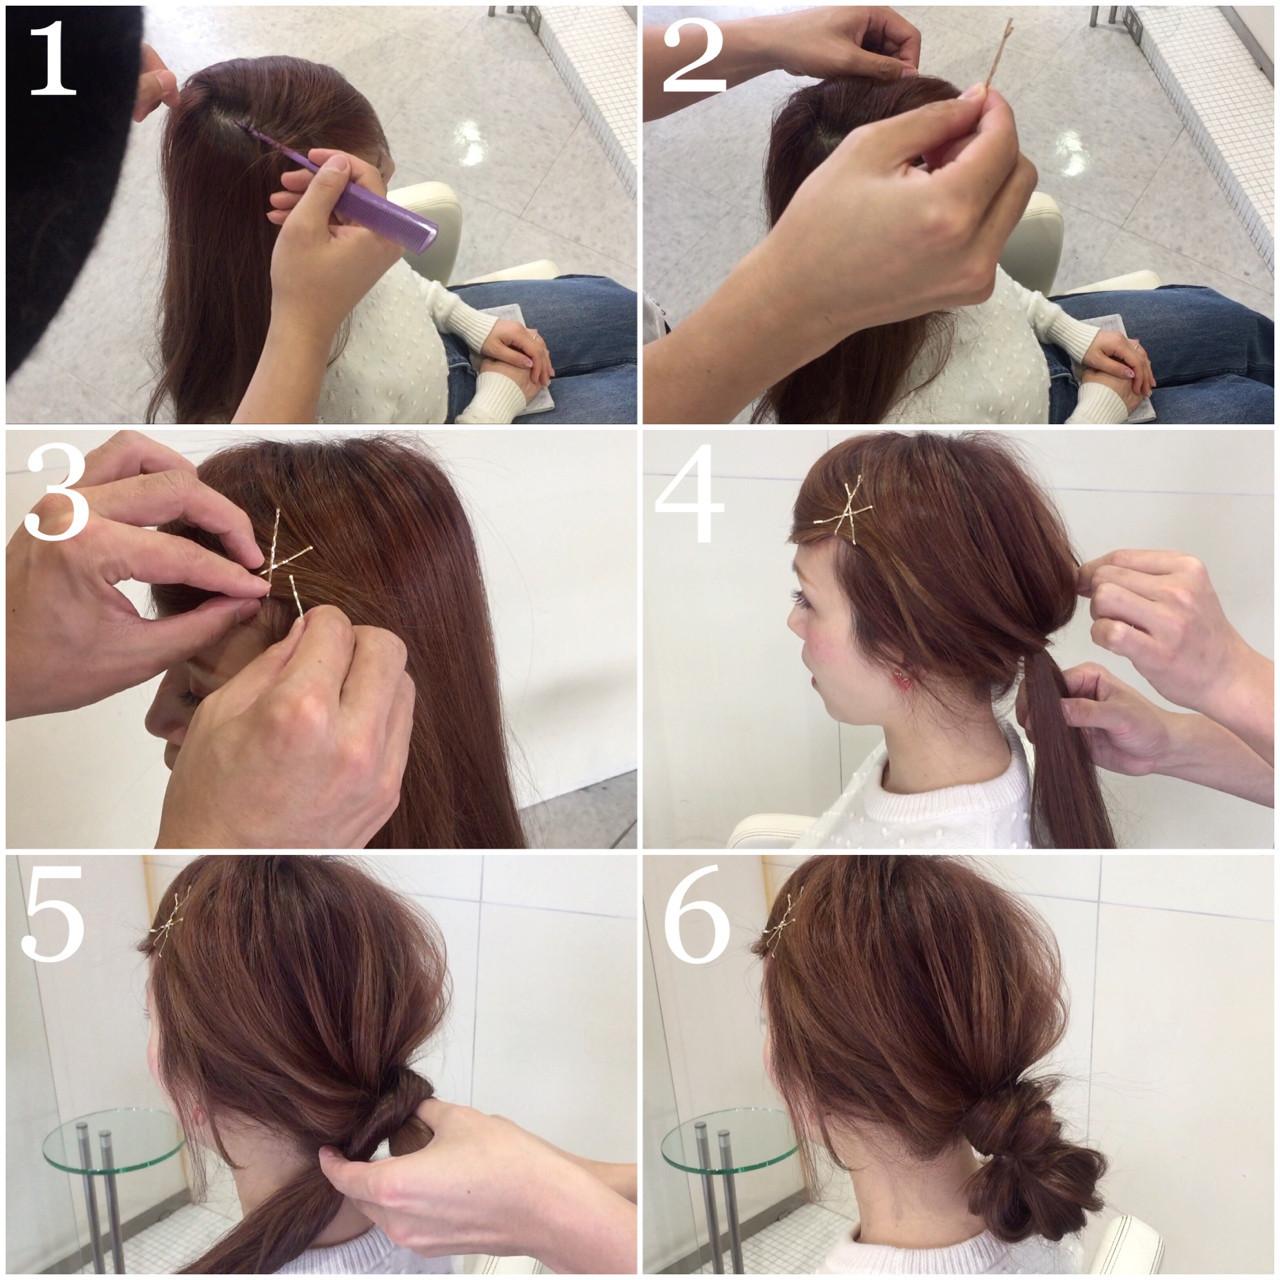 下の毛をすくいながら留める takashi cawamura